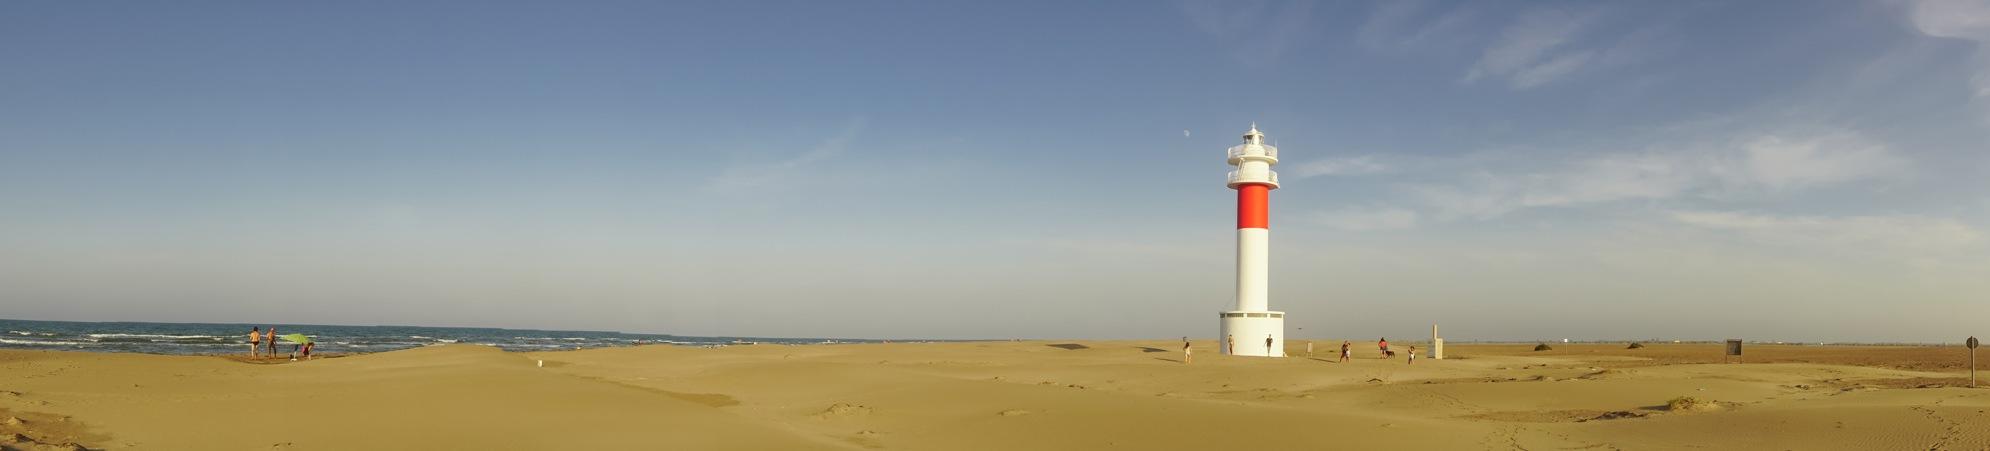 Faro del Fangar en el Delta del Ebro y punta del Fangar